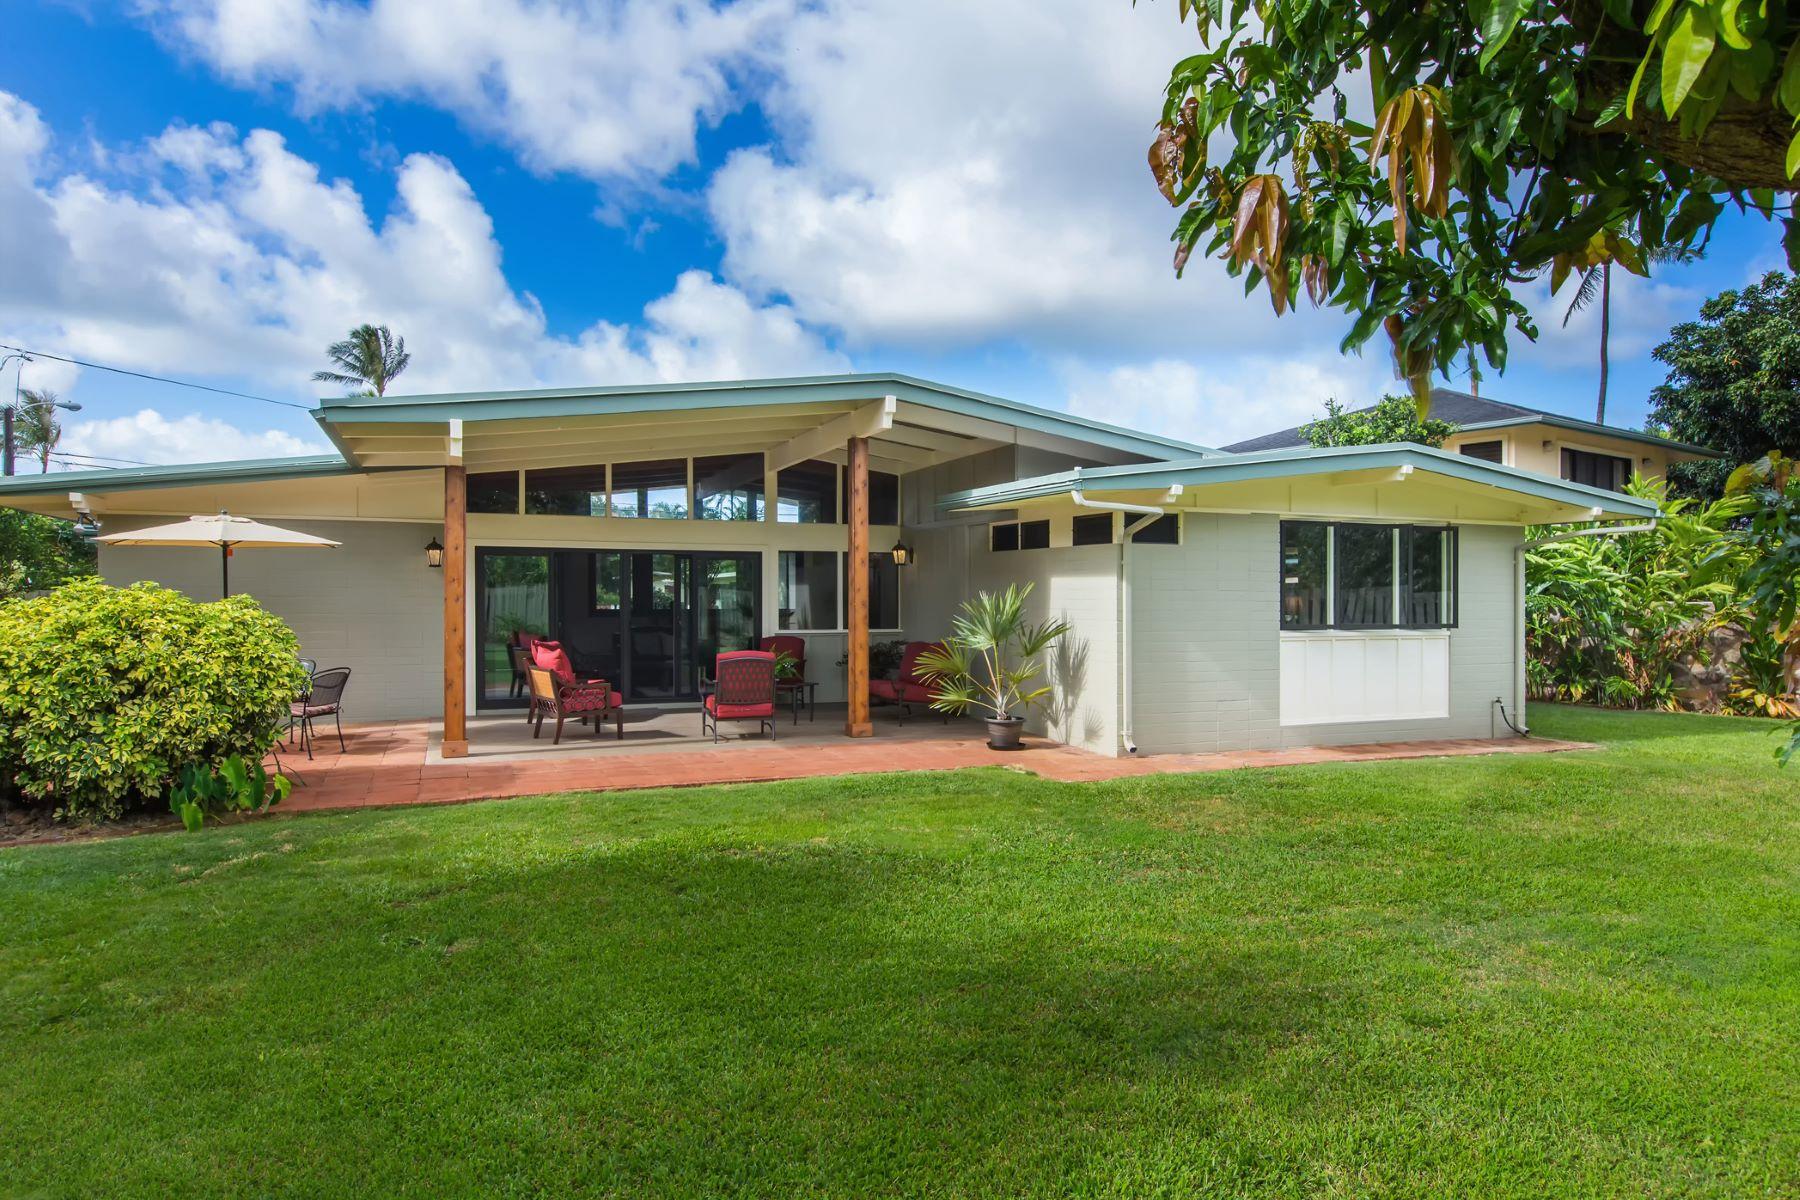 Casa para uma família para Venda às Timeless Olomana Elegance 1591 Uluhao Place Kailua, Havaí 96734 Estados Unidos